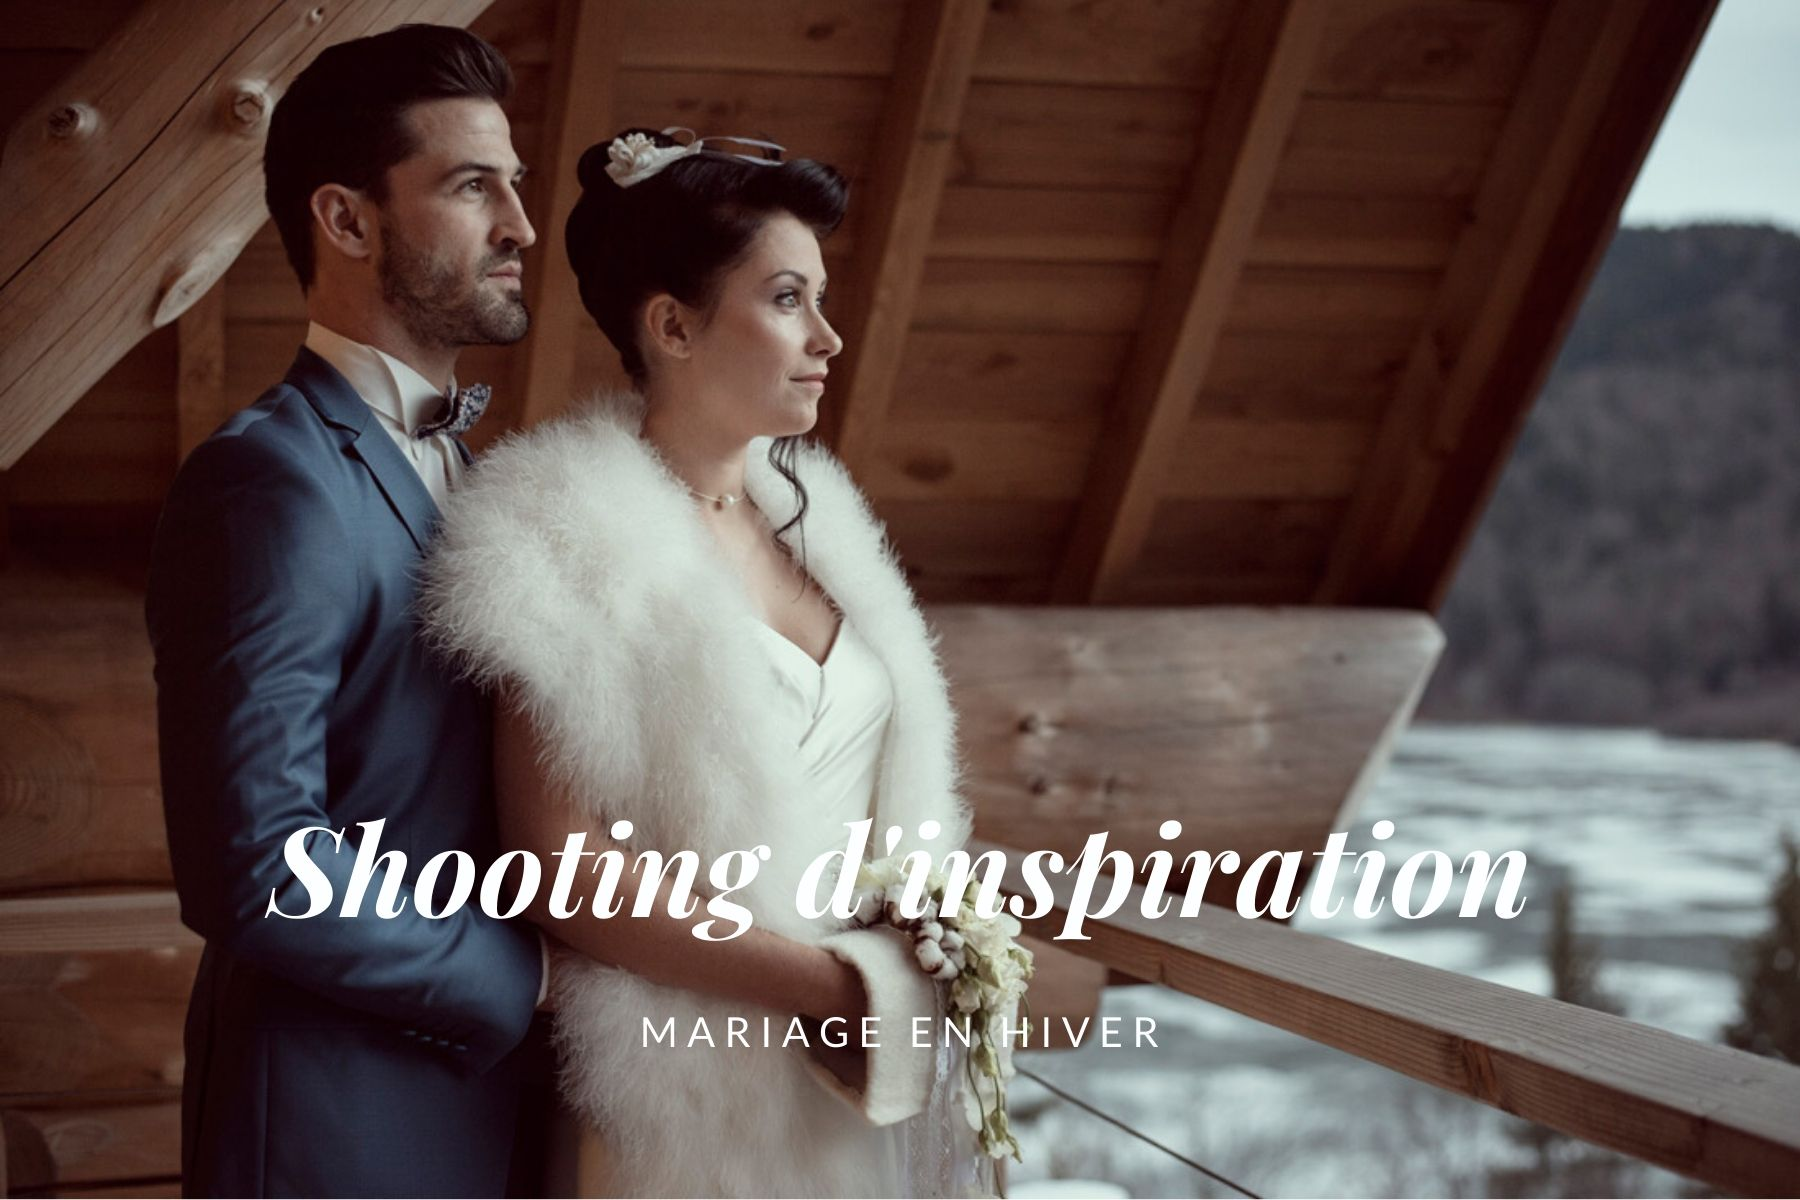 Photos mariage en hiver inspiration - Hera Mariage Wedding Planner - Auvergne - Puy de Dôme - Clermont-Ferrand - Allier - Haute-Loire - Cantal